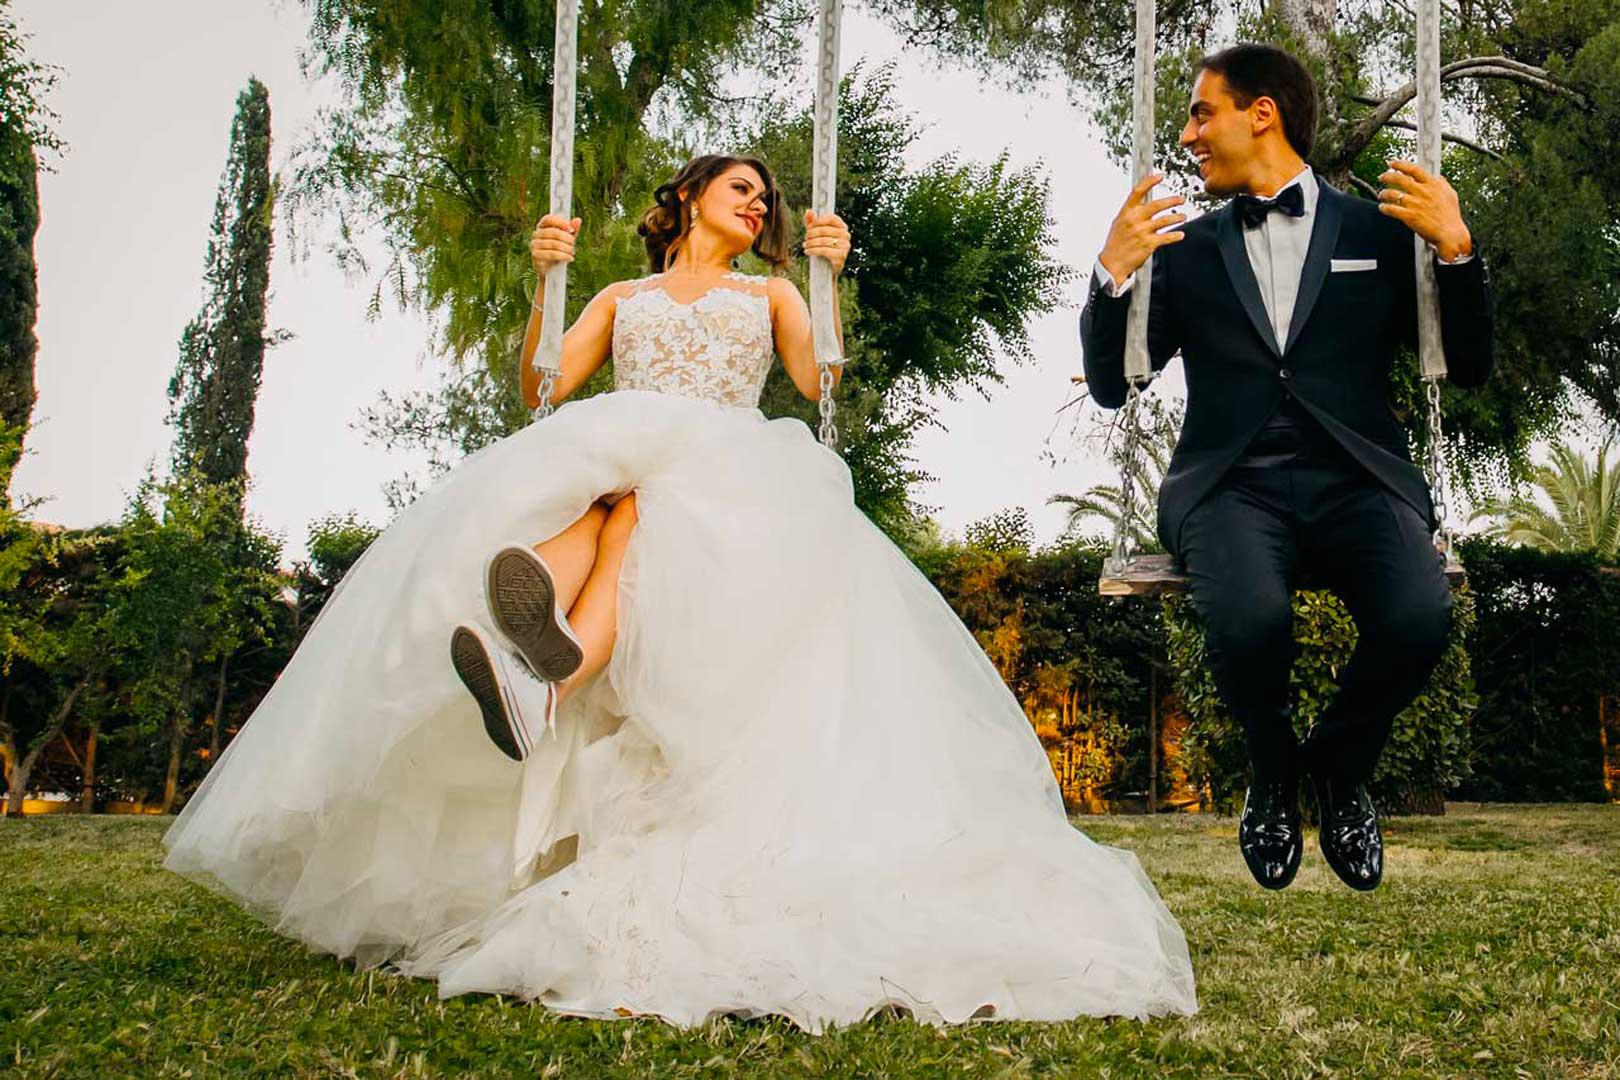 041-sposi-divertenti-matrimonio-gianni-lepore